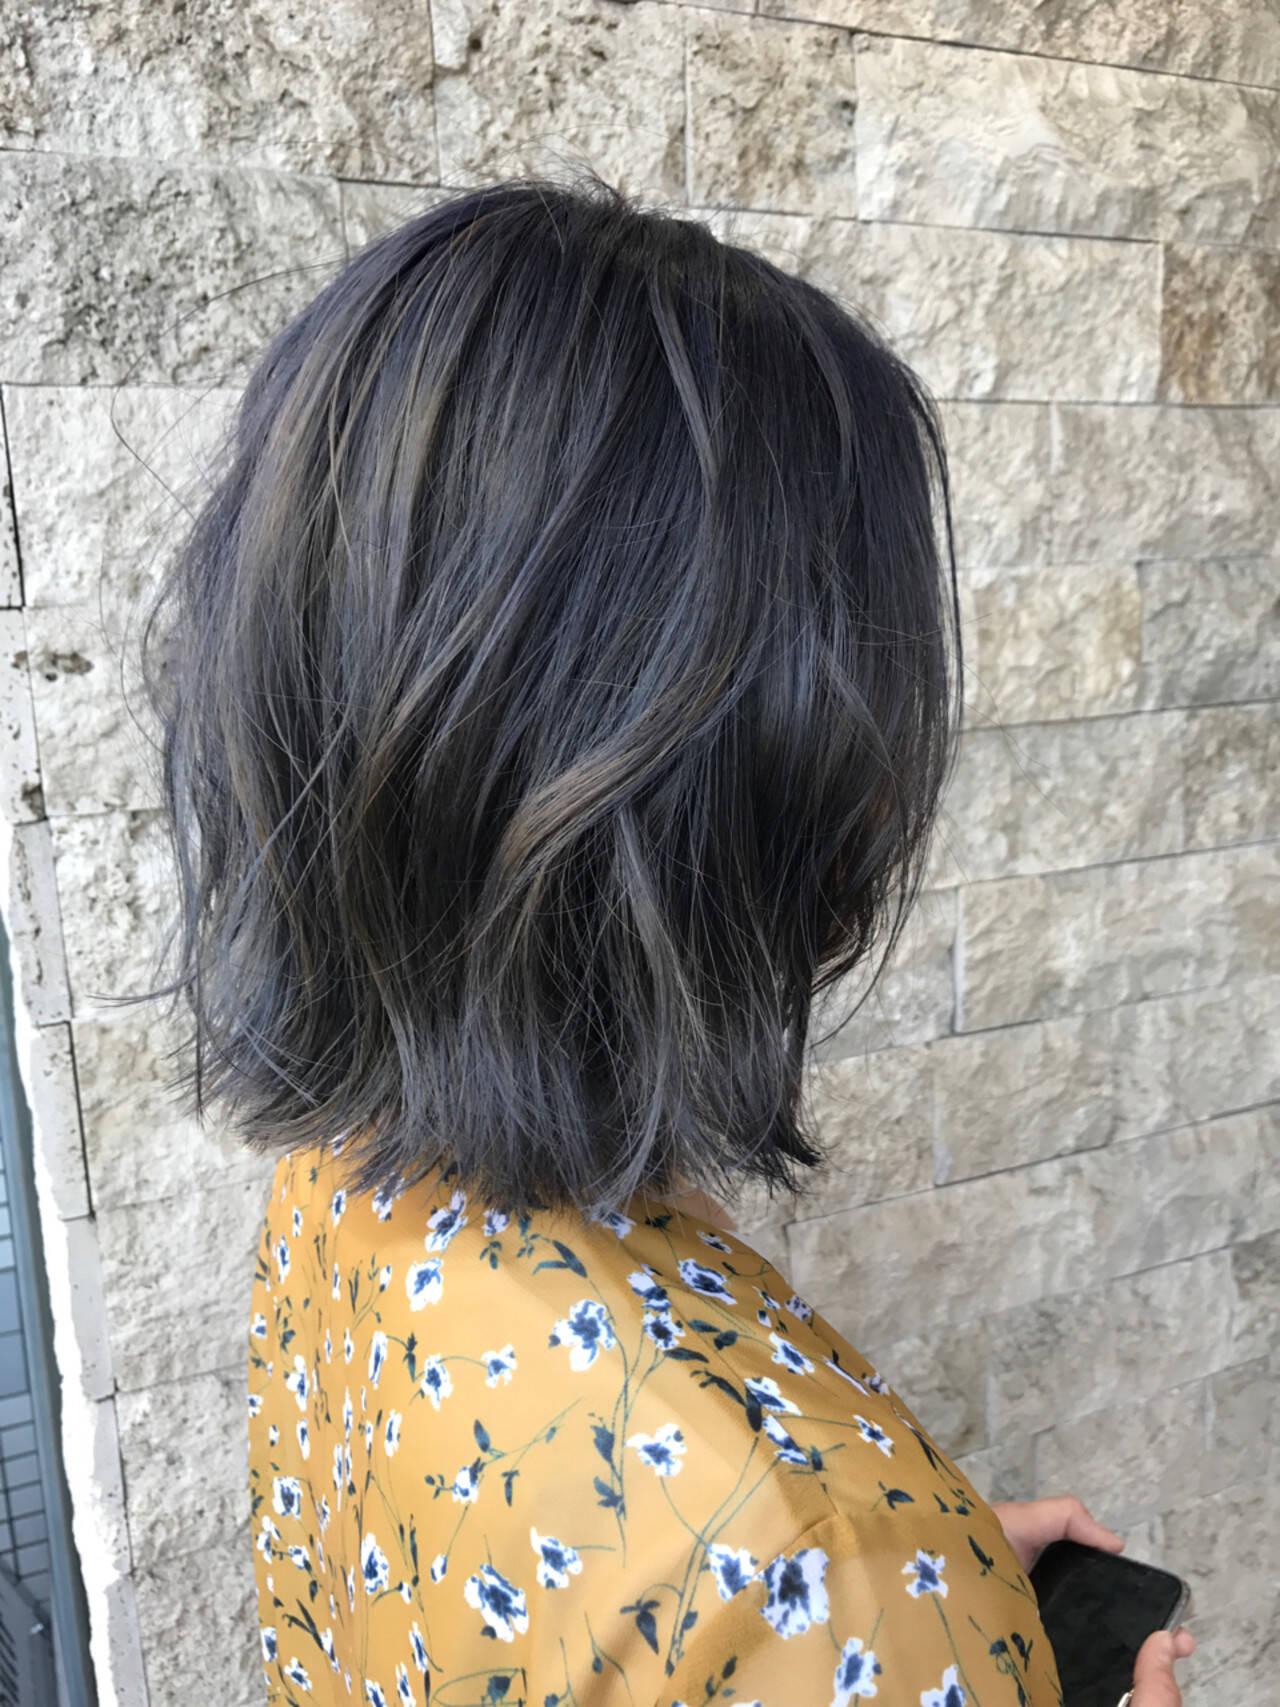 ダブルカラー ブルージュ ストリート グレージュヘアスタイルや髪型の写真・画像